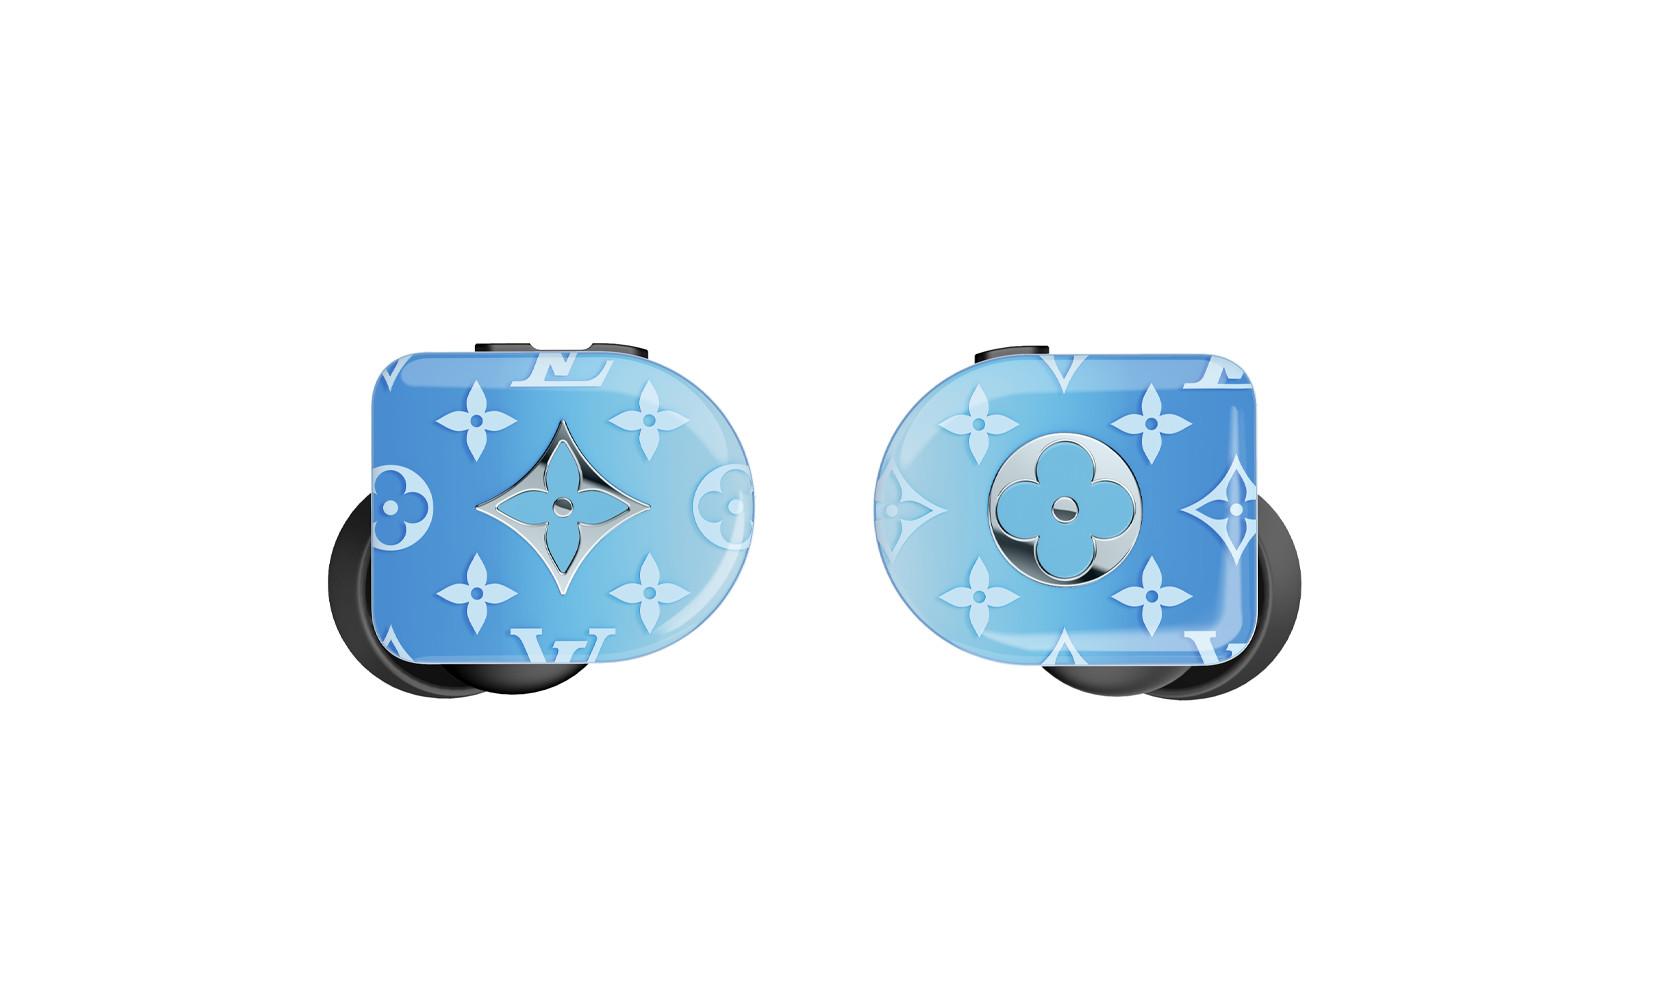 Auricolari wireless Louis Vuitton Horizon Blue Gradient